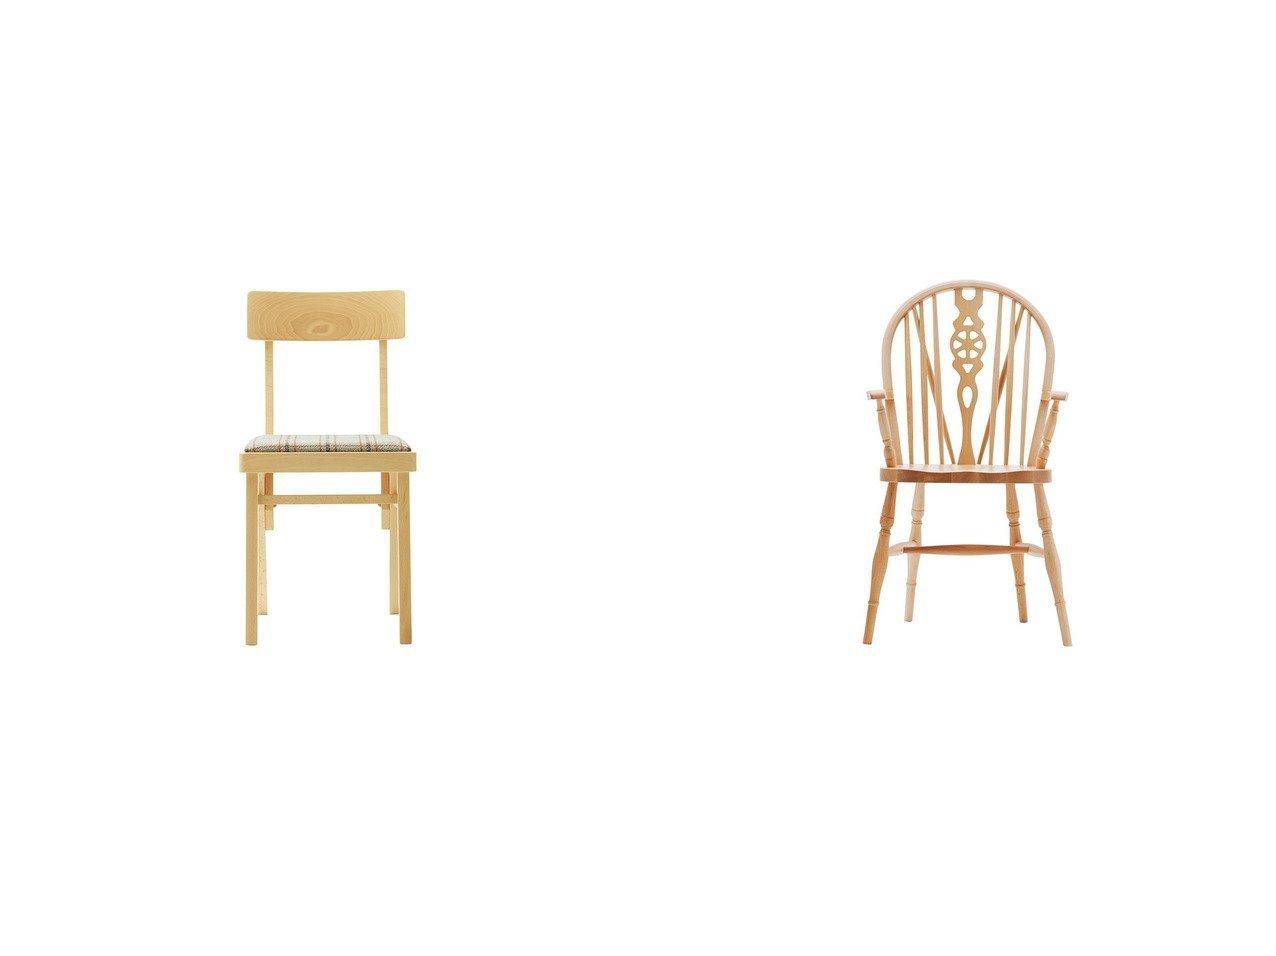 【FLYMEe Parlor/フライミーパーラー】のチェア n2619&アームチェア n26188 【FURNITURE】おすすめ!人気、インテリア雑貨・家具の通販 おすすめで人気の流行・トレンド、ファッションの通販商品 インテリア・家具・メンズファッション・キッズファッション・レディースファッション・服の通販 founy(ファニー) https://founy.com/ 送料無料 Free Shipping おすすめ Recommend コンパクト アンティーク モチーフ ホーム・キャンプ・アウトドア Home,Garden,Outdoor,Camping Gear 家具・インテリア Furniture チェア・椅子 Chair ダイニングチェア ホーム・キャンプ・アウトドア Home,Garden,Outdoor,Camping Gear 家具・インテリア Furniture チェア・椅子 Chair アームチェア |ID:crp329100000047196